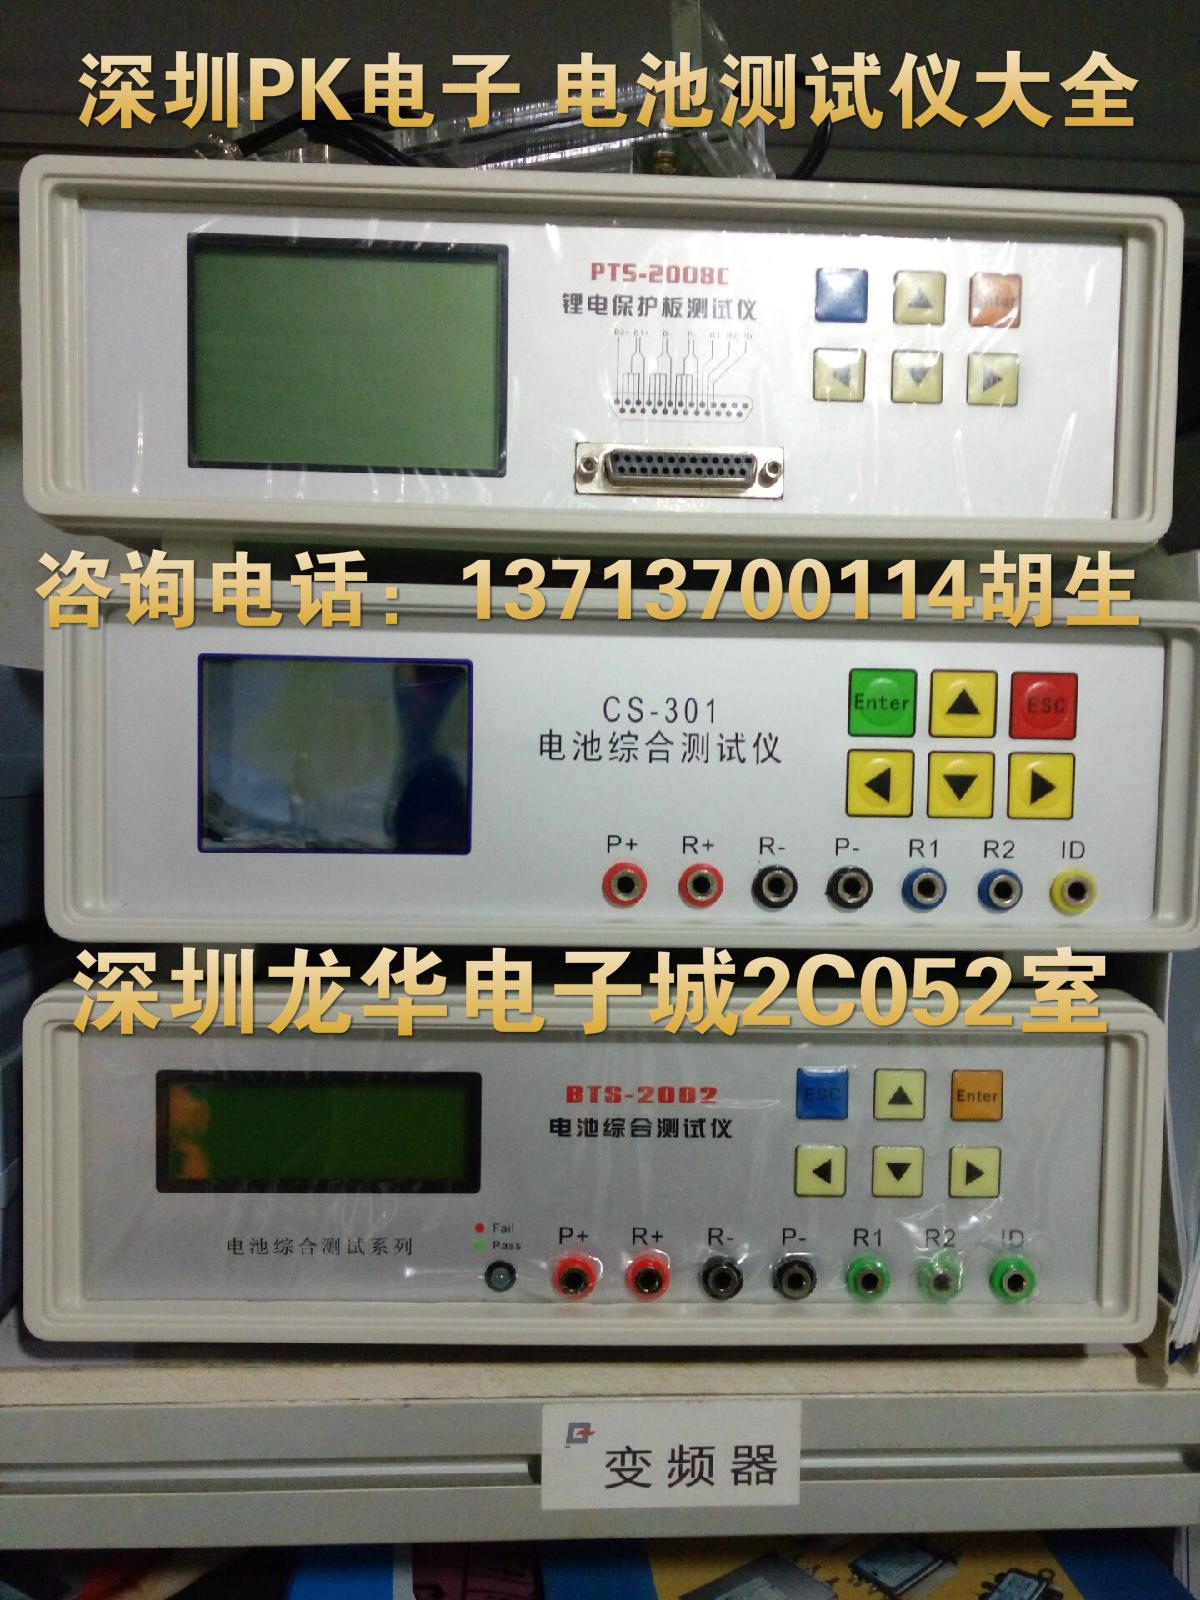 301电池综合测试仪充放电测试内阻测试锂电池测试仪直销批发